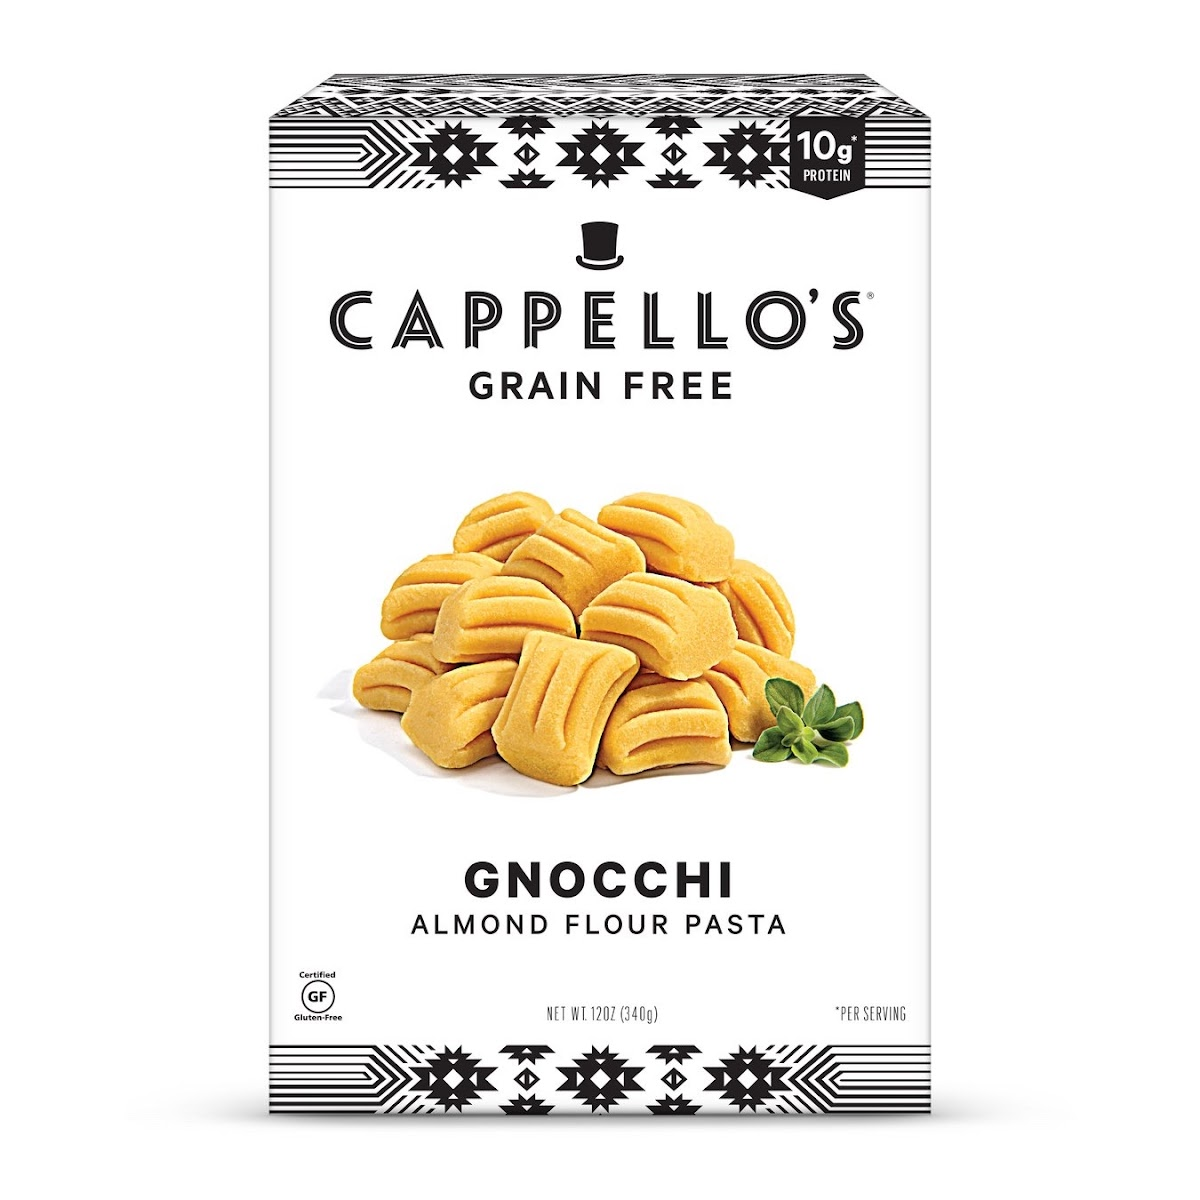 Grain Free Almond Flour Gnocchi